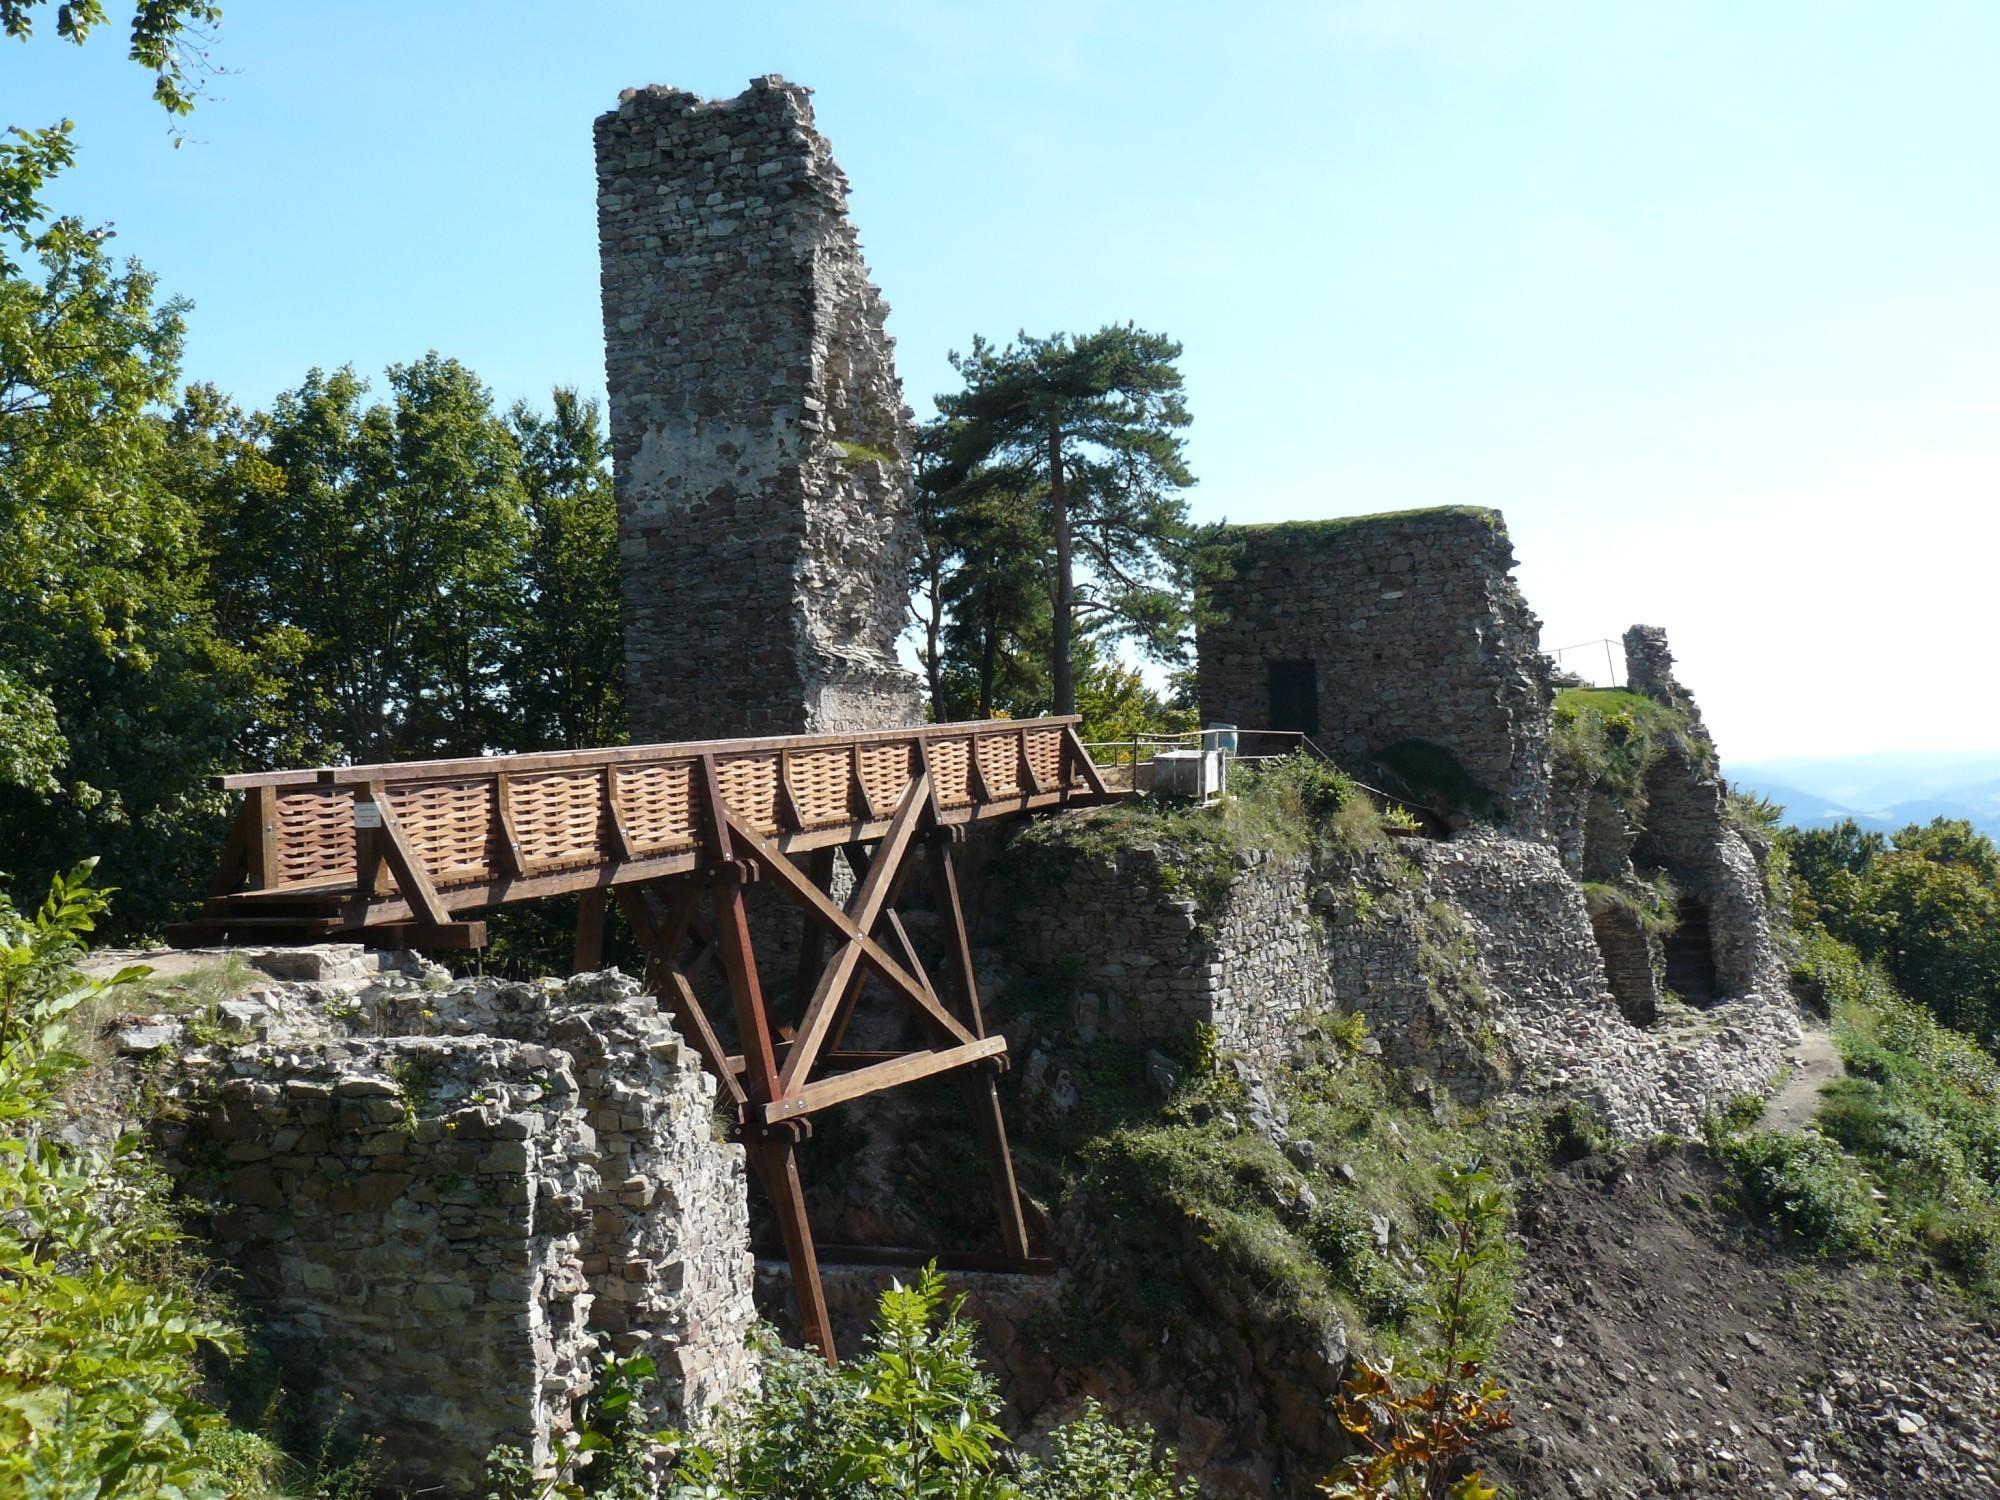 http://foto.turistika.cz/foto/38229/42745/full_2945d8_f_normalFile1-p1090870.jpg